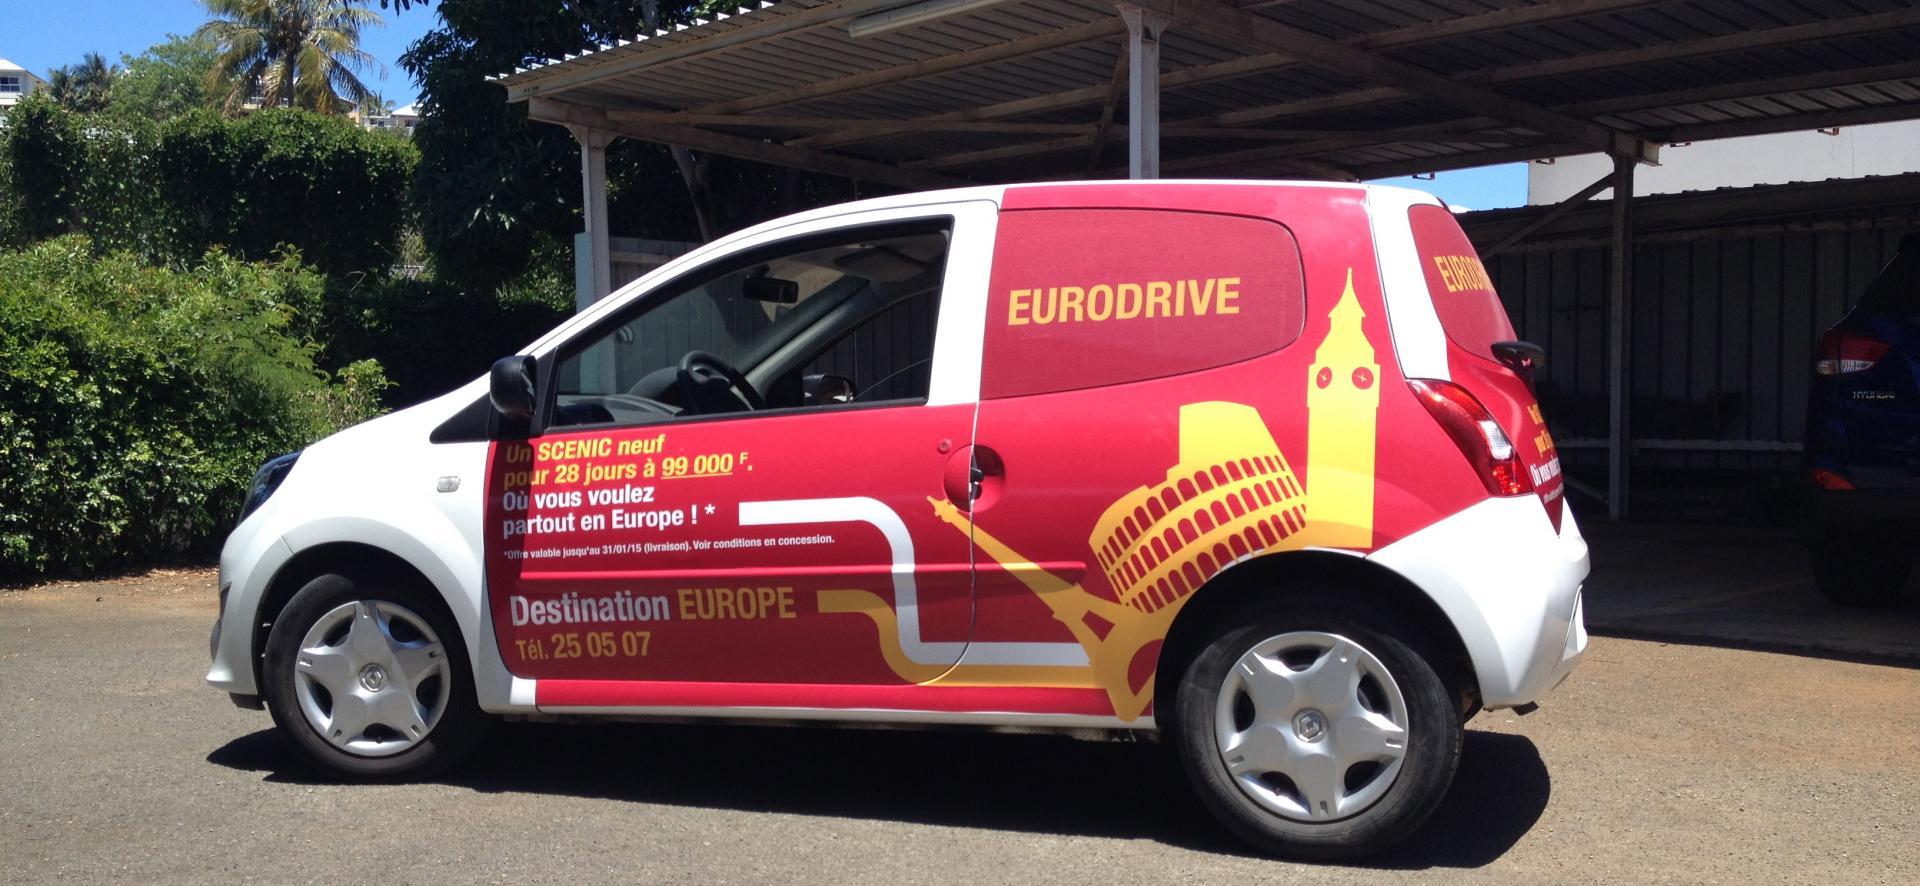 eurodrive.jpg